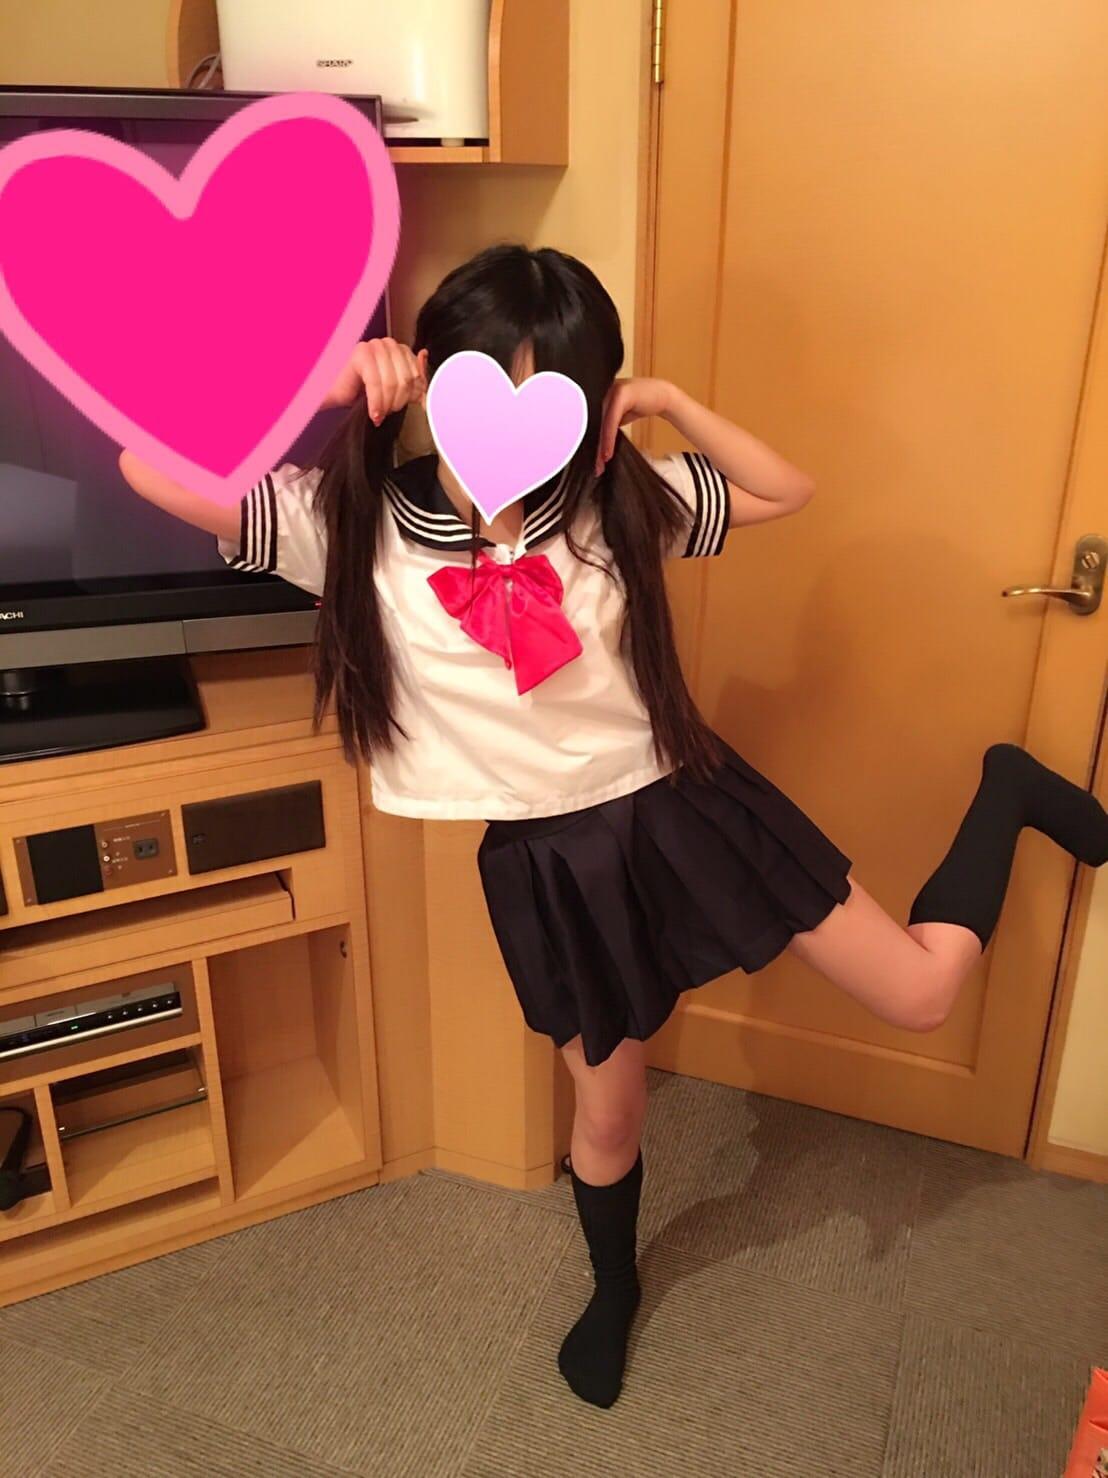 「ありがとう♡」03/17(土) 21:21 | ふわりの写メ・風俗動画